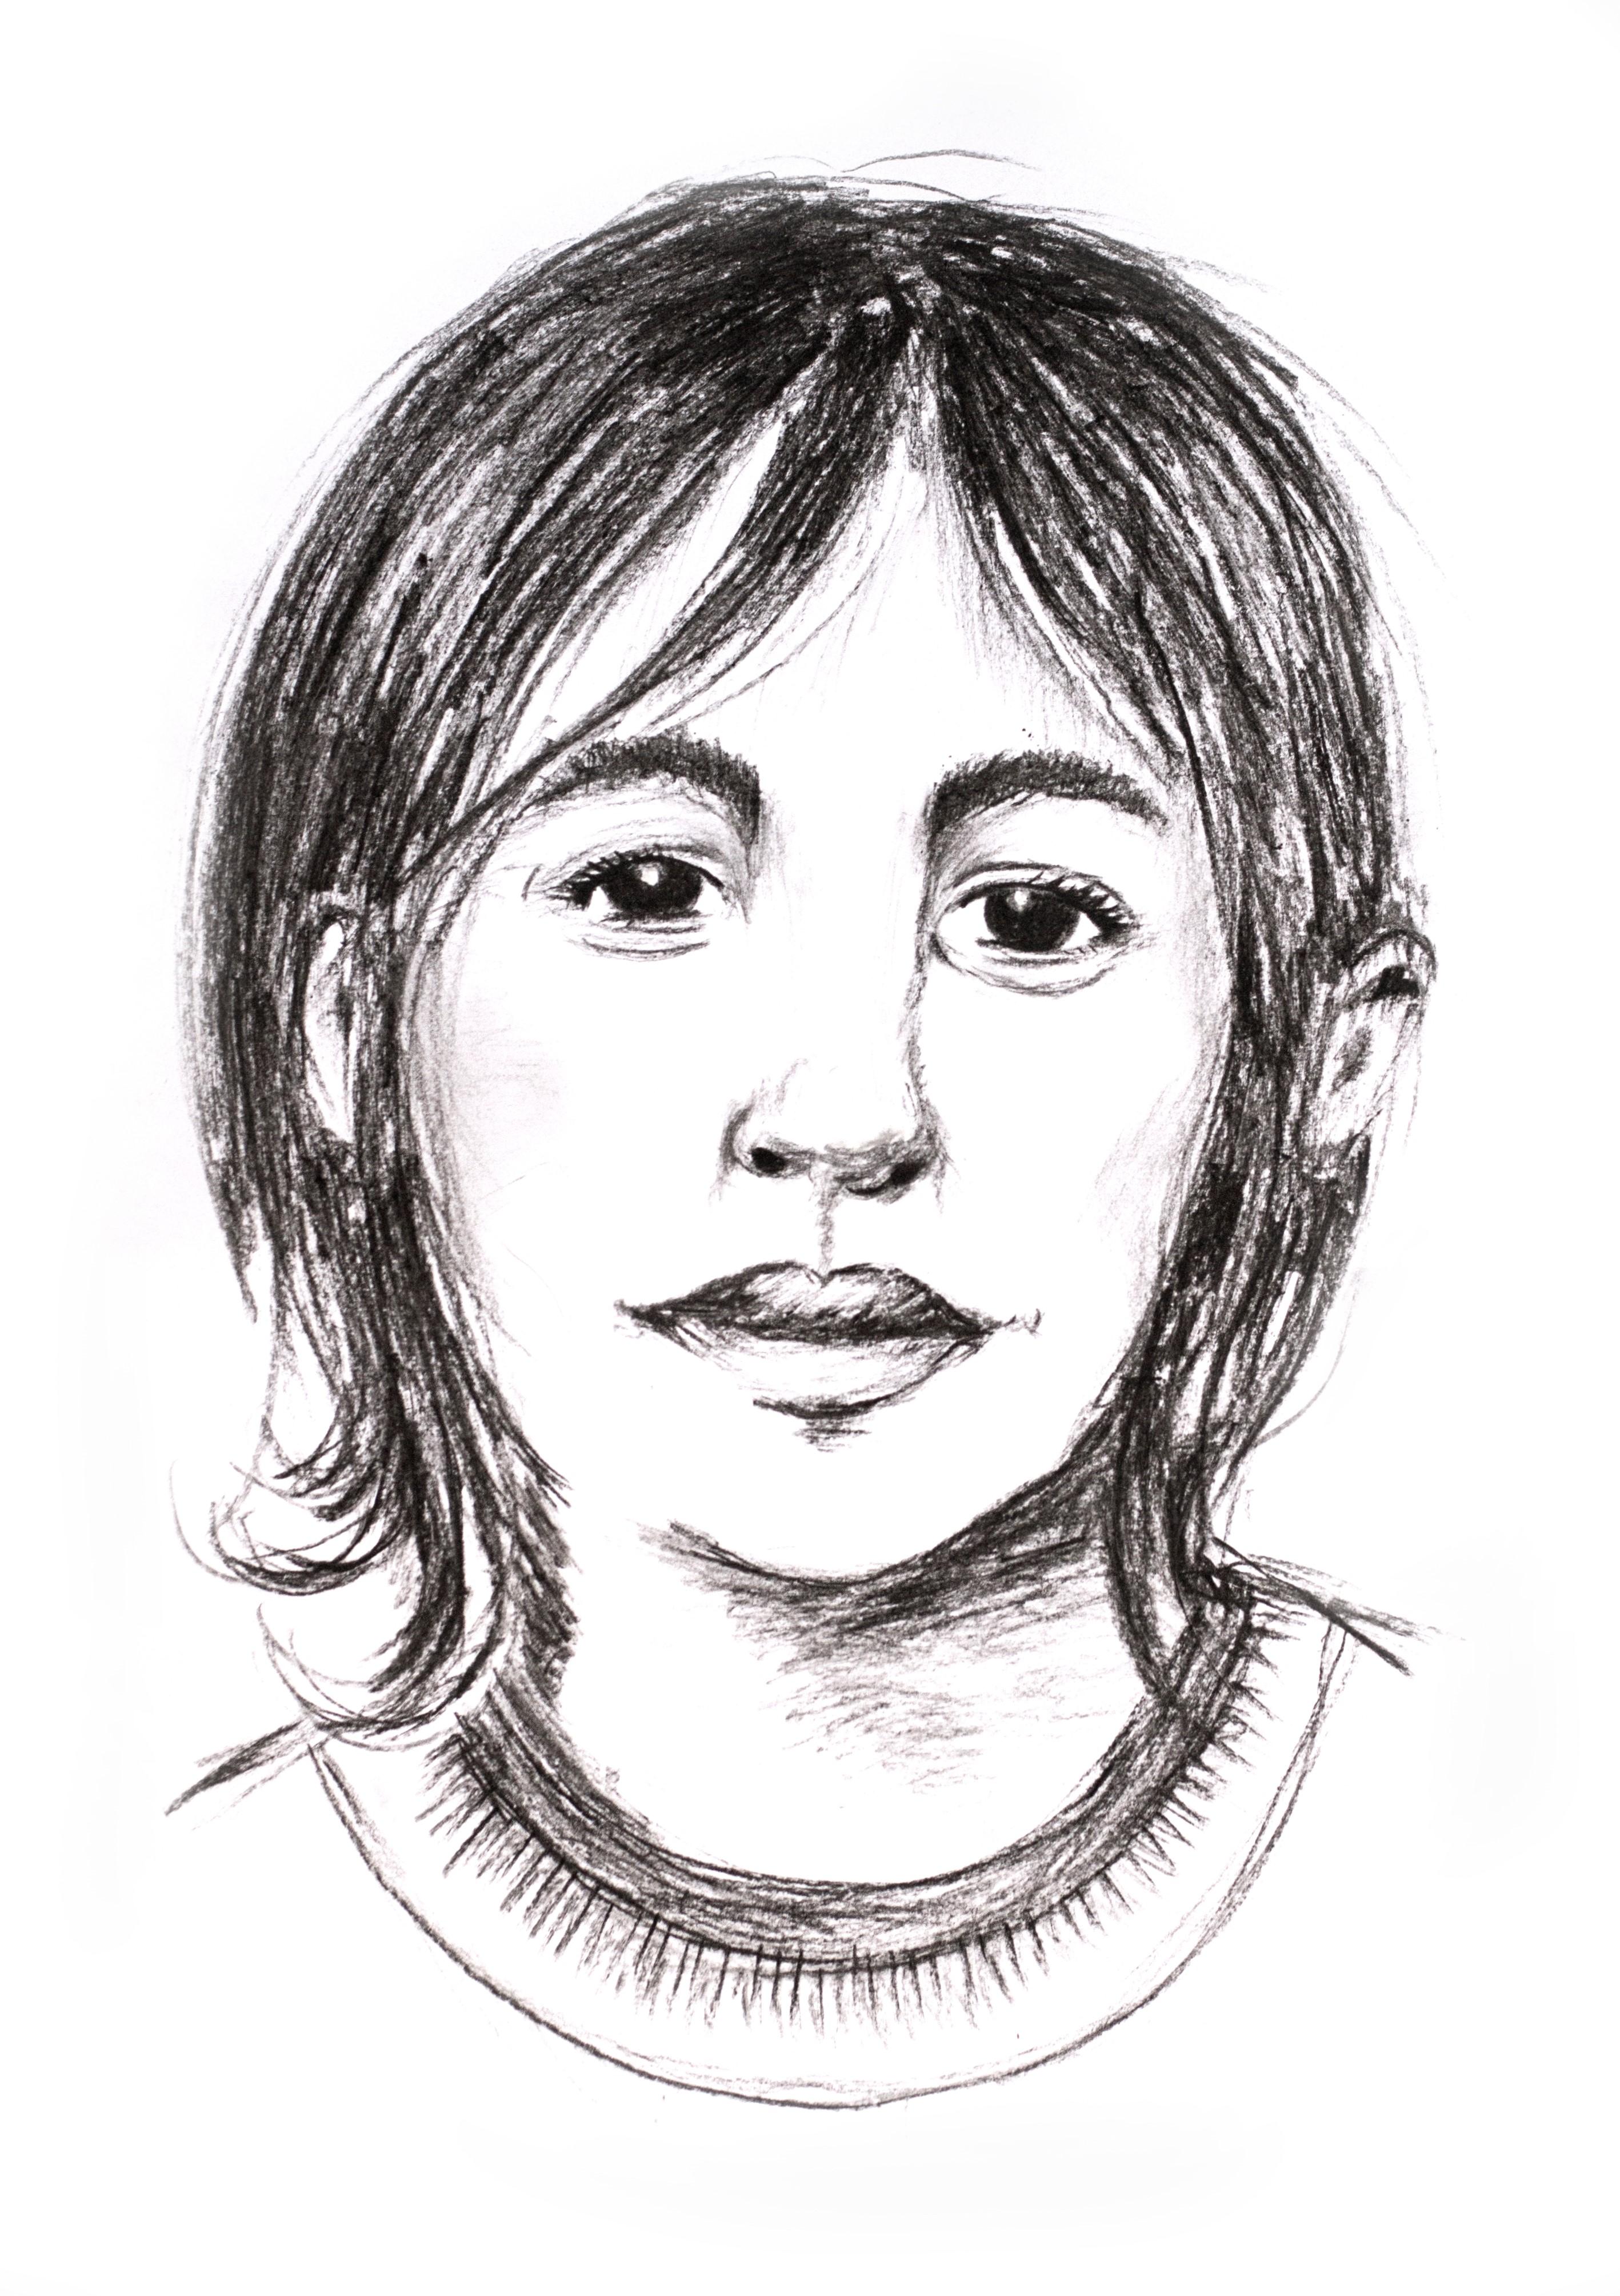 Blyertstecknad skiss på ett barn med mörkt hår och mörka ögon. Minen är mest allvarlig men med ett litet leende.